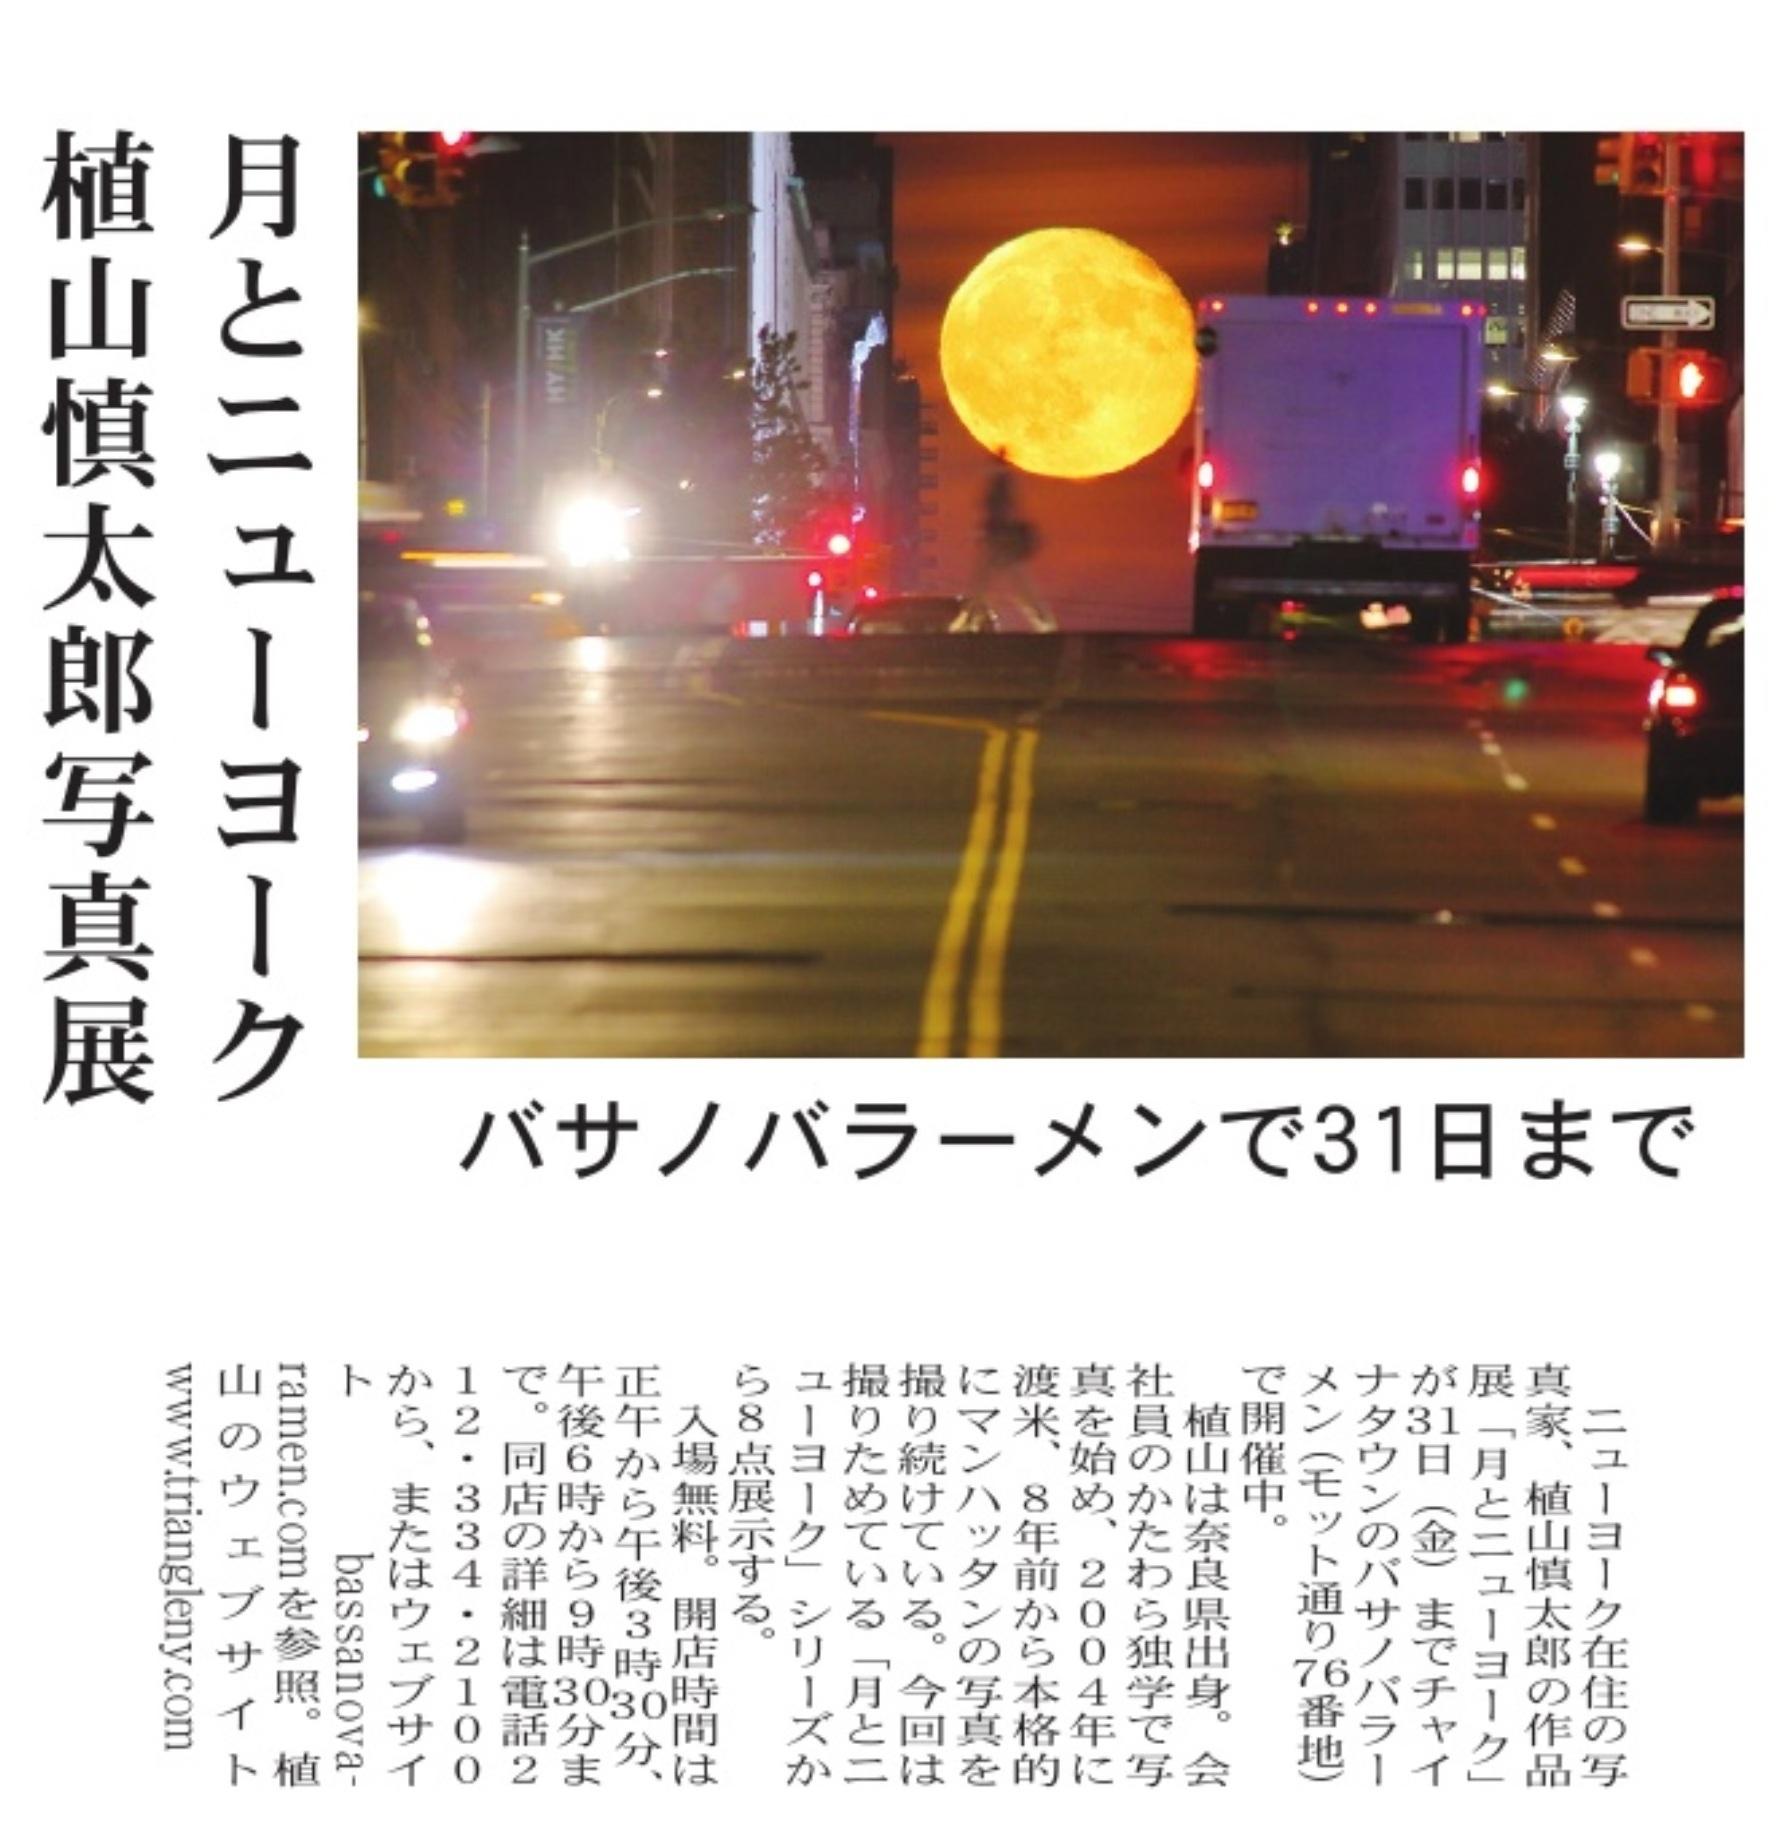 『週刊NY生活』写真掲載について60_a0274805_23272952.jpg